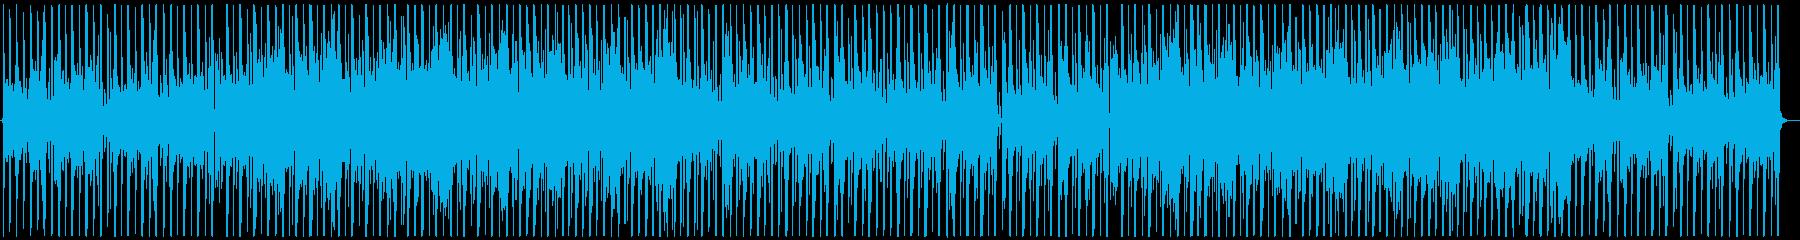 お洒落なジャズHipHopの再生済みの波形